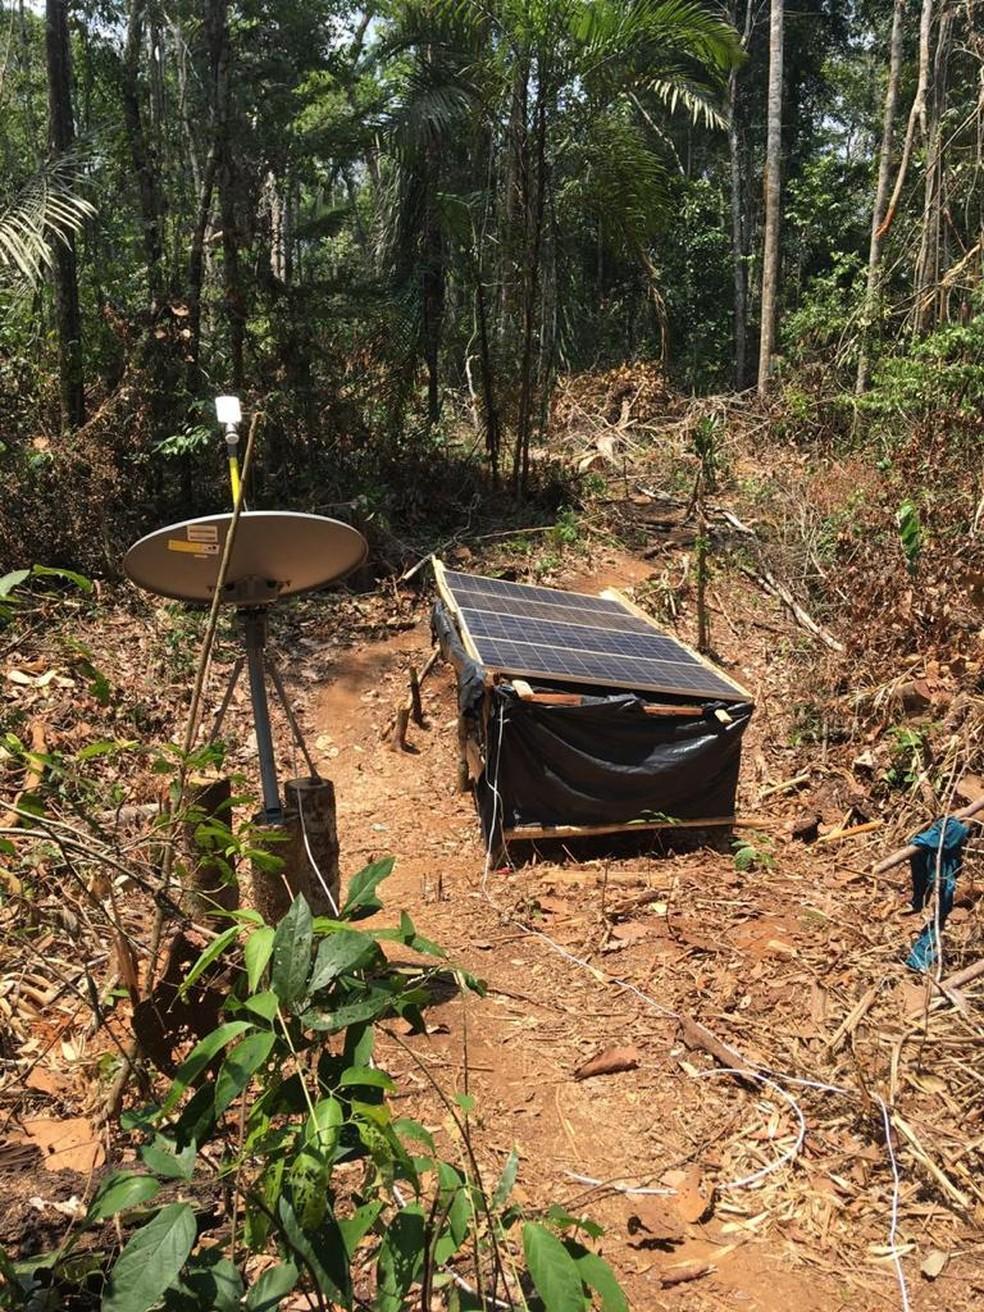 Equipamento para comunicação por rádio foi encontrado na fazenda — Foto: WhatsApp/Reprodução